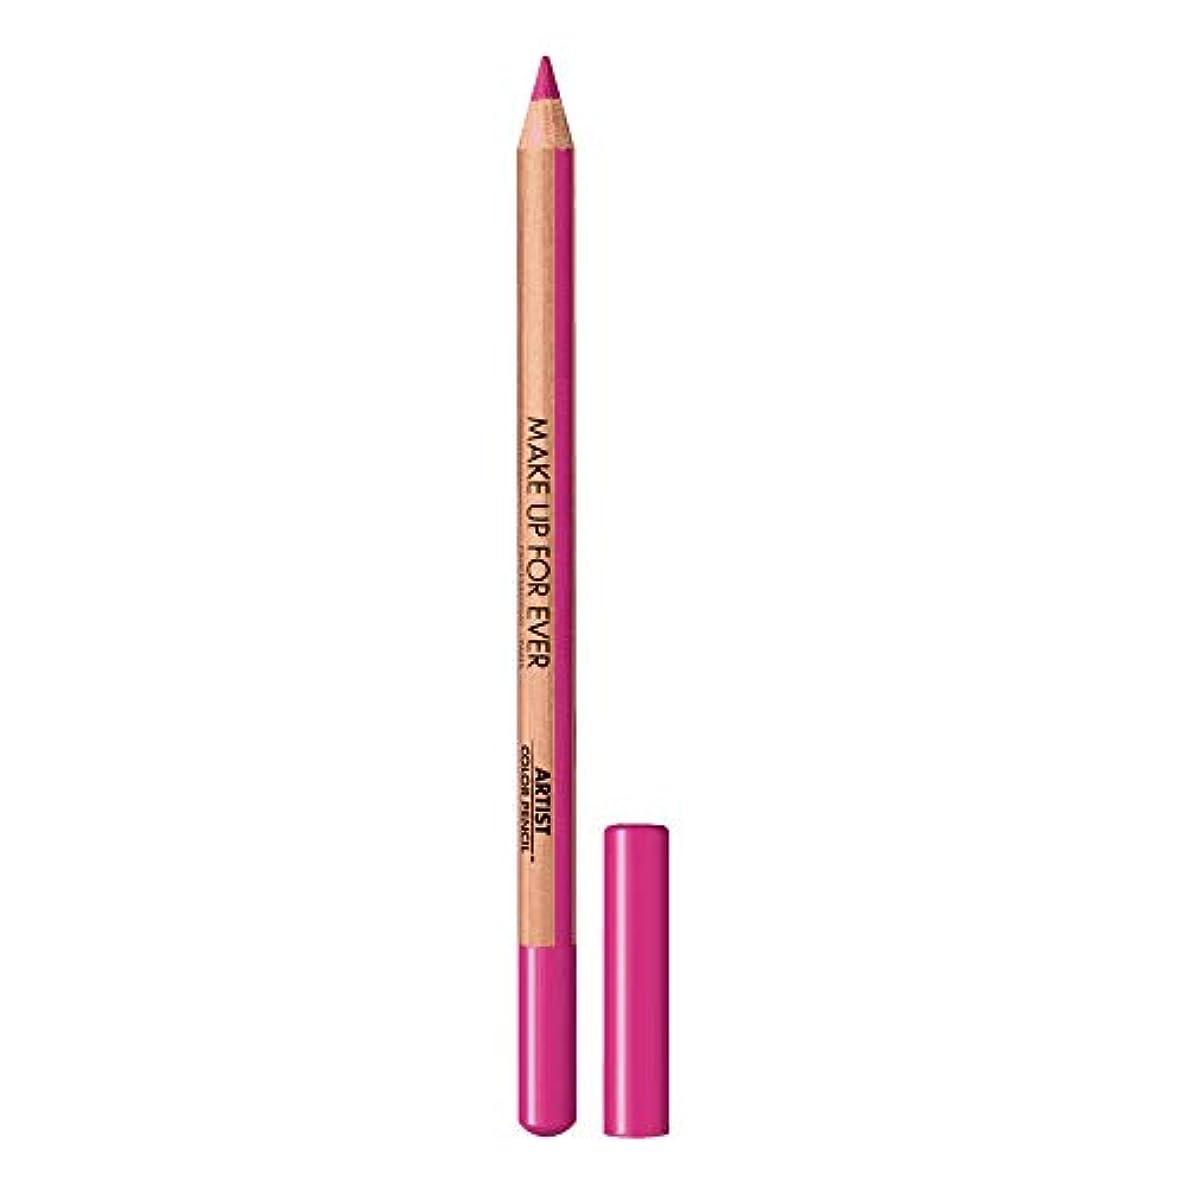 解凍する、雪解け、霜解け旅行代理店ごちそうメイクアップフォーエバー Artist Color Pencil - # 802 Fuchsia Etc 1.41g/0.04oz並行輸入品